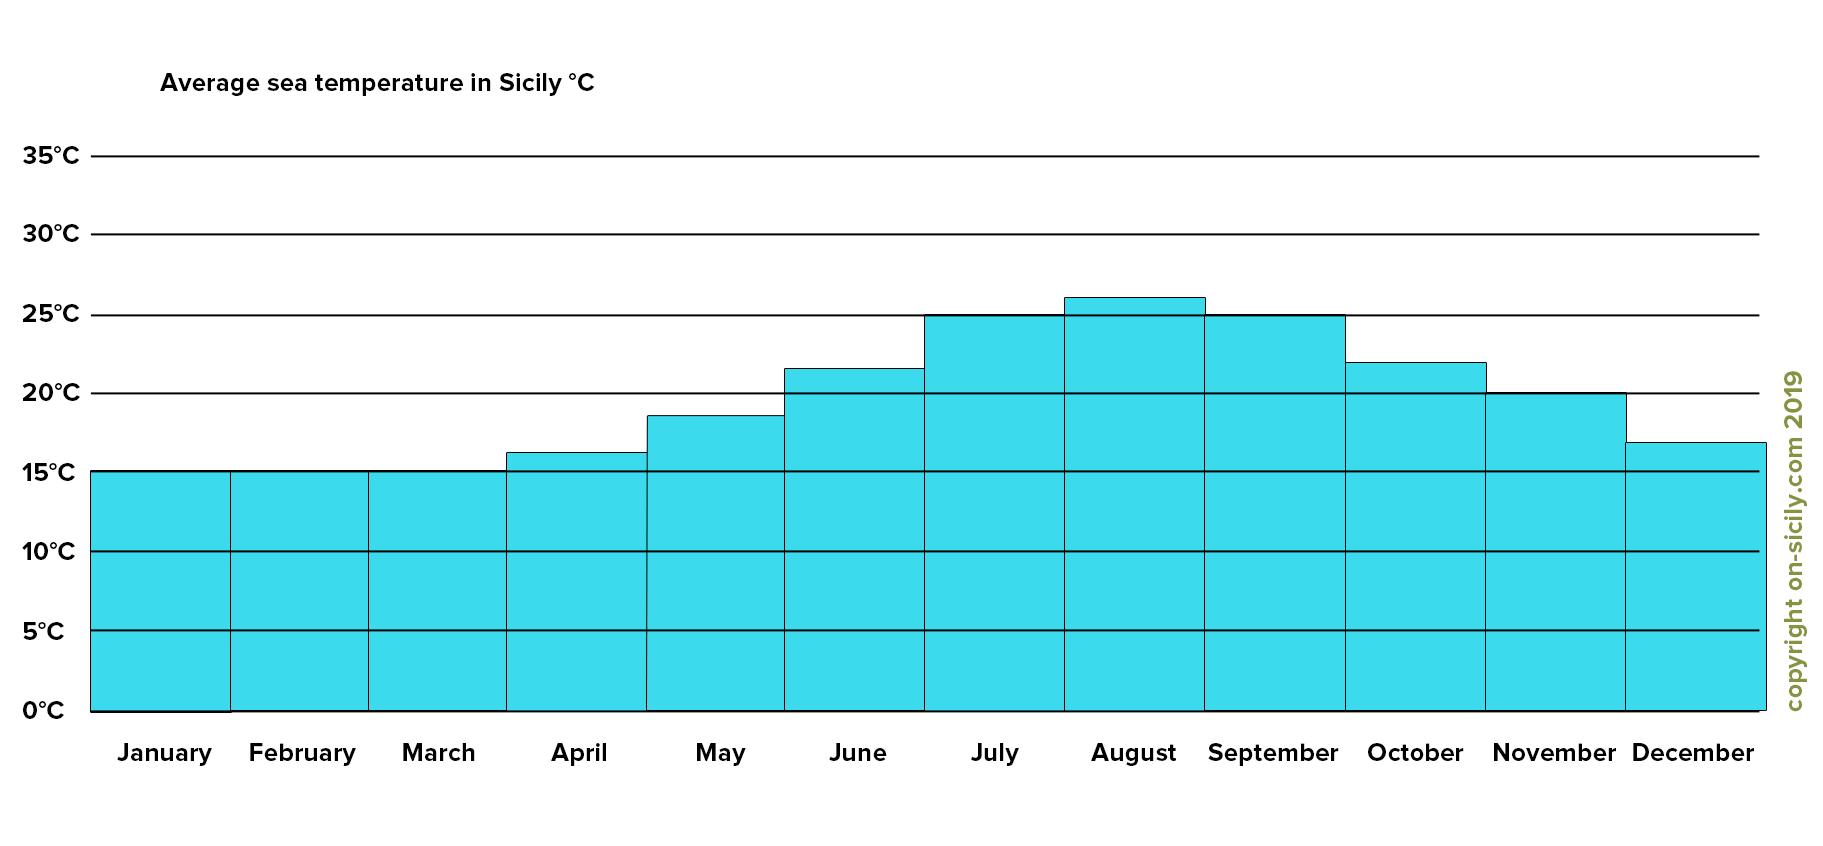 The average sea temperatures in Sicily